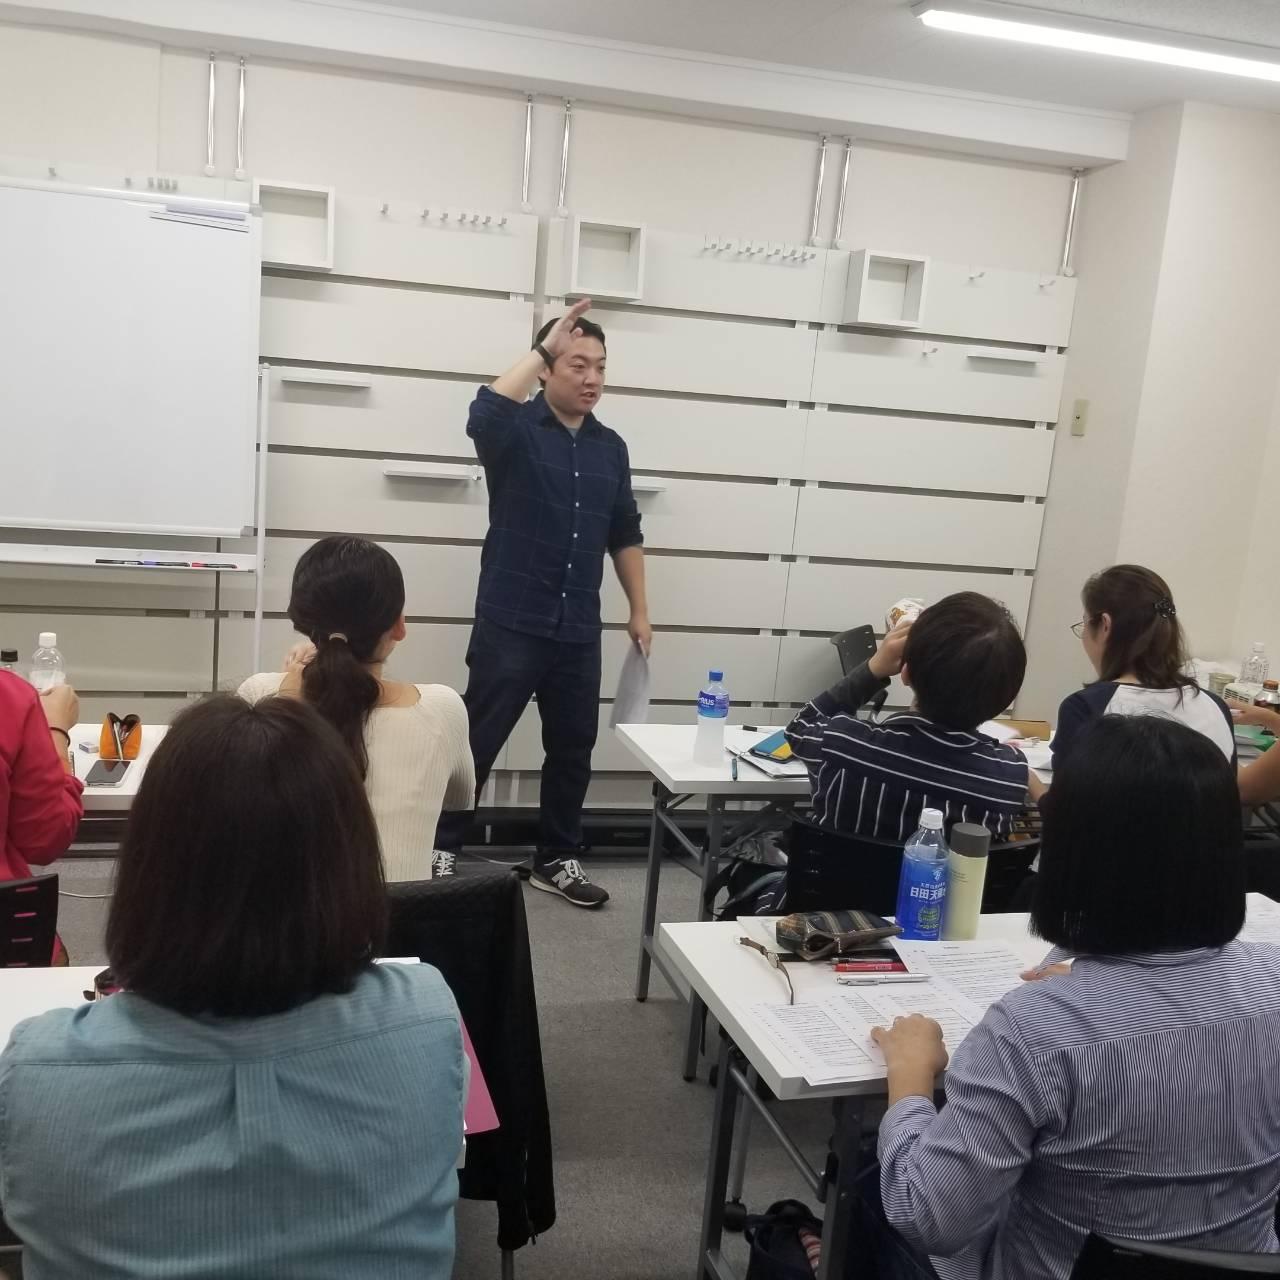 国家資格キャリアコンサルタント試験「実技対策講座」のお知らせ